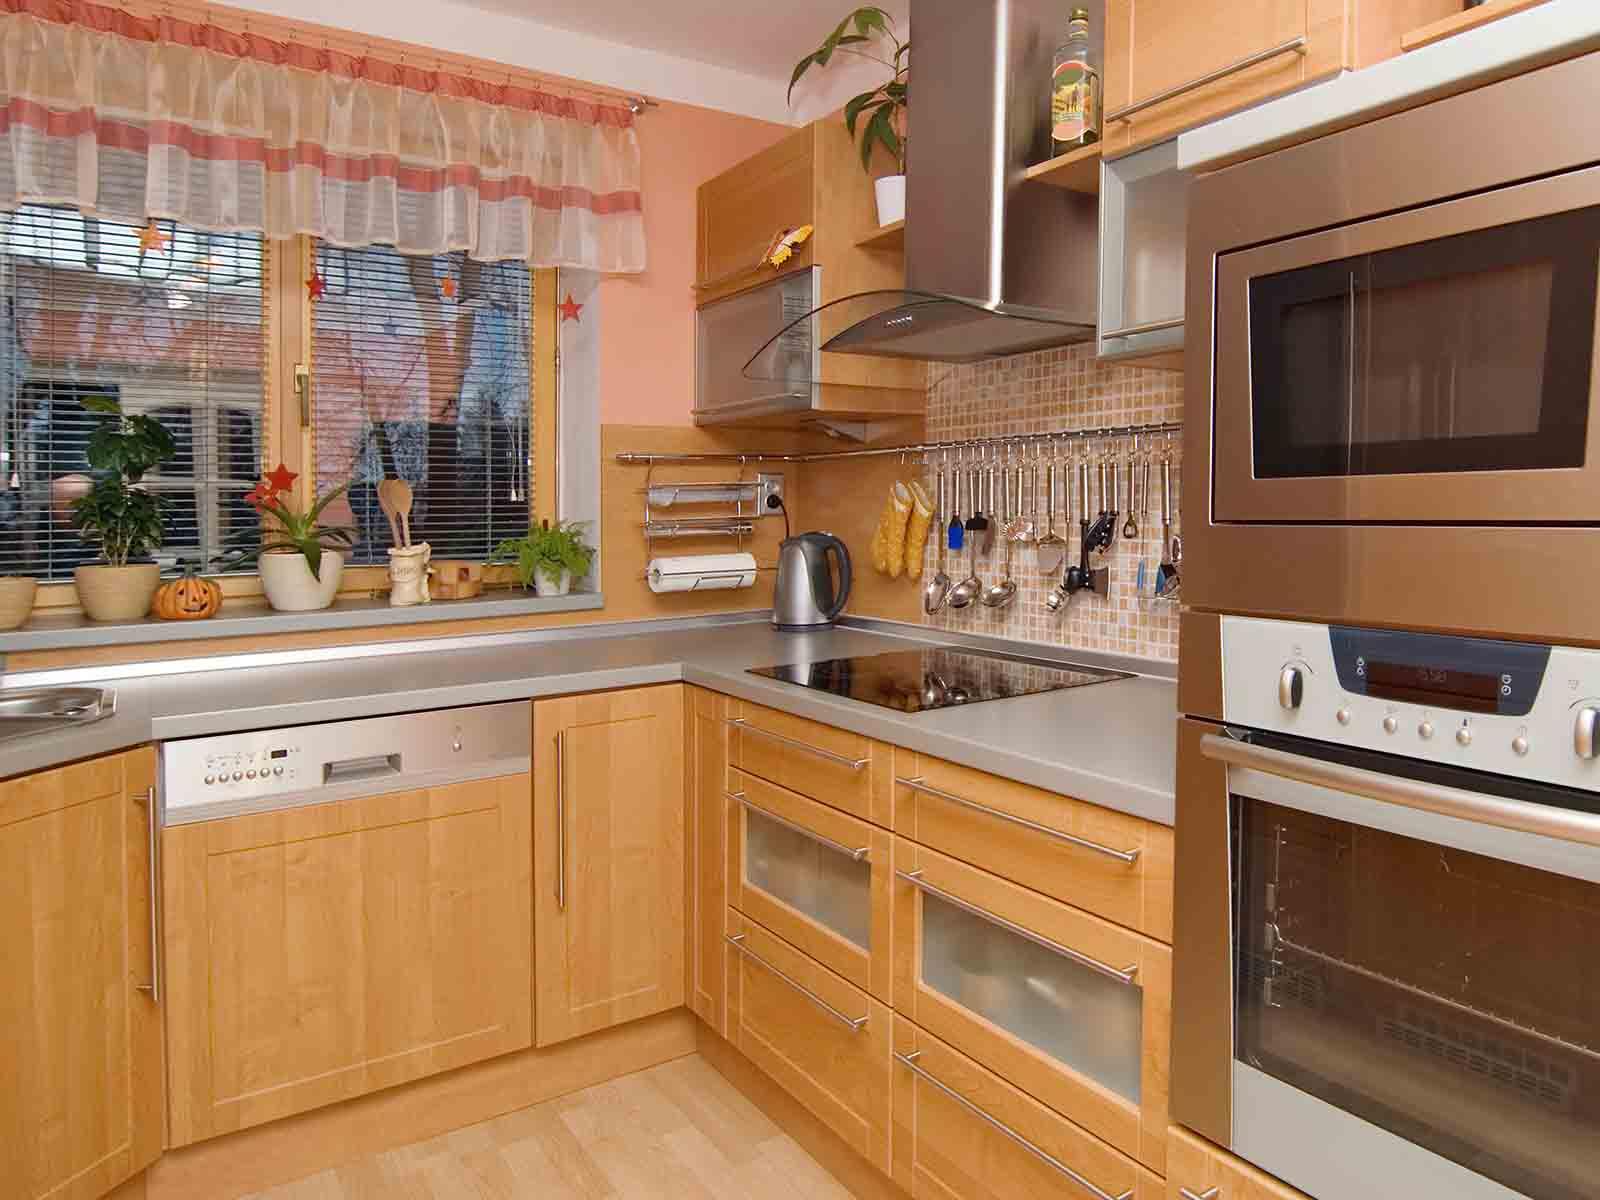 Gammelt kjøkken med moderniseringsbehov